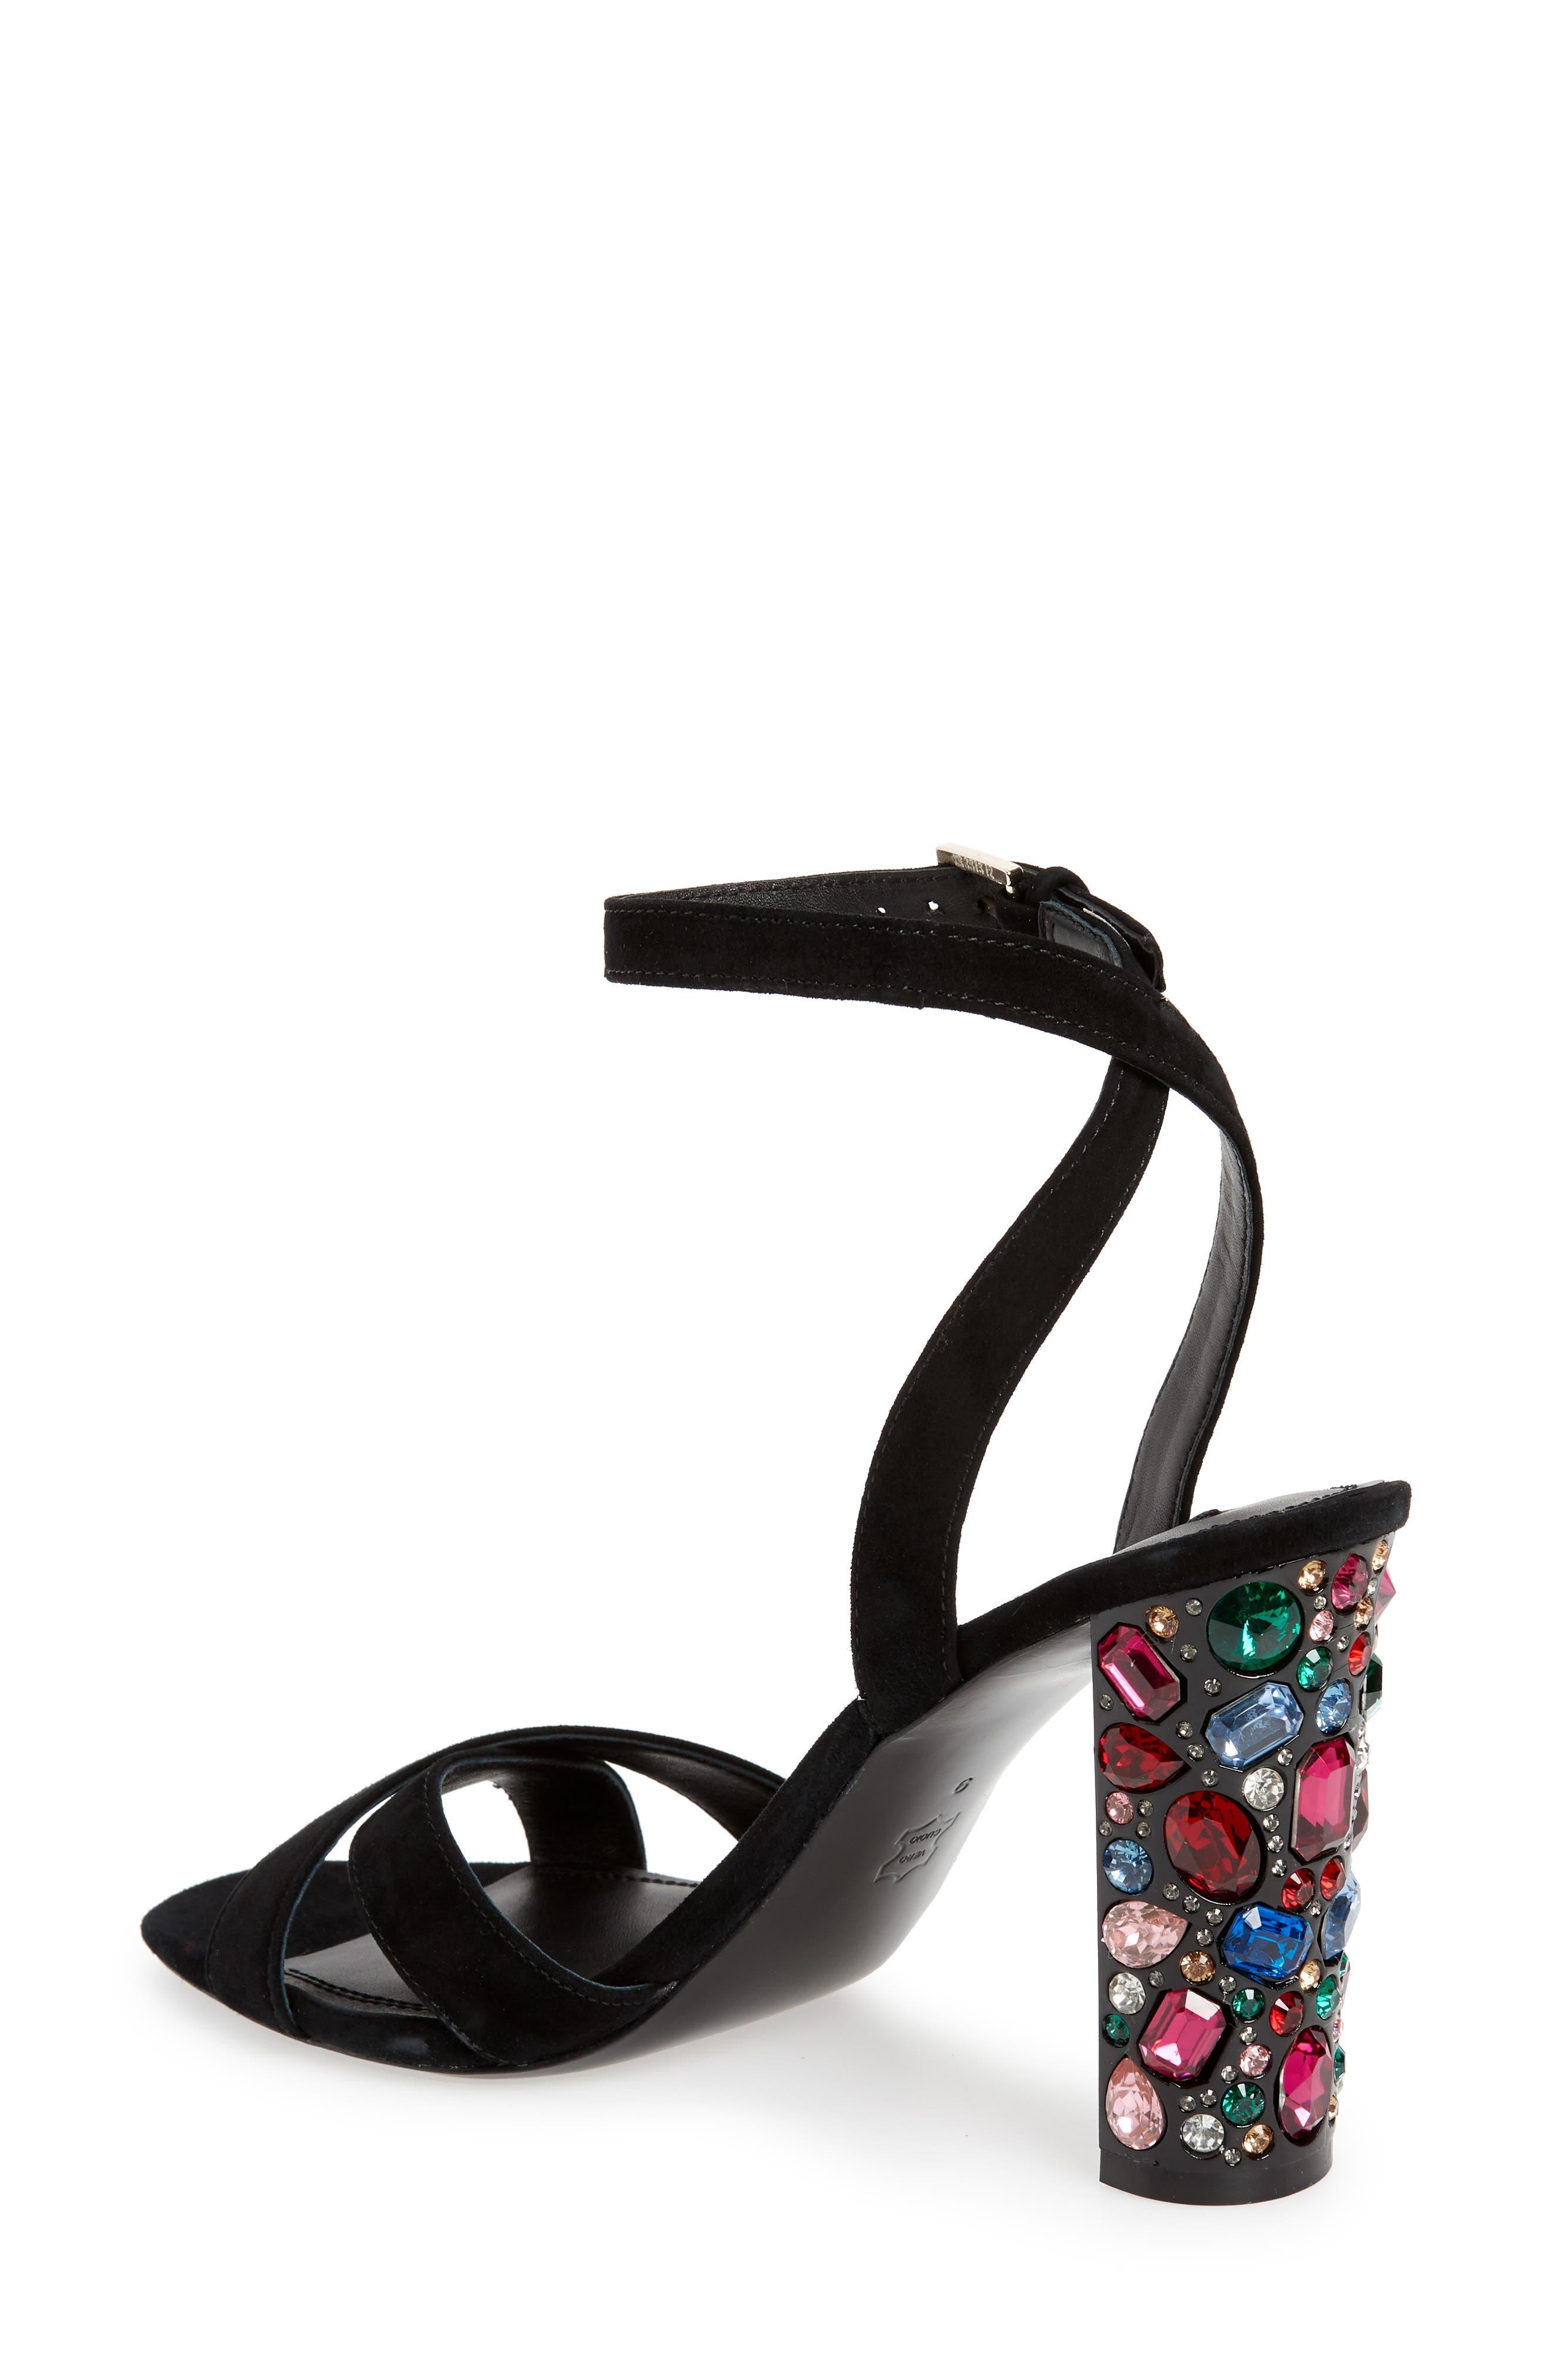 ALICE + OLIVIA, Renia Crystal Heel Sandal, Alternate thumbnail 2, color, BLACK